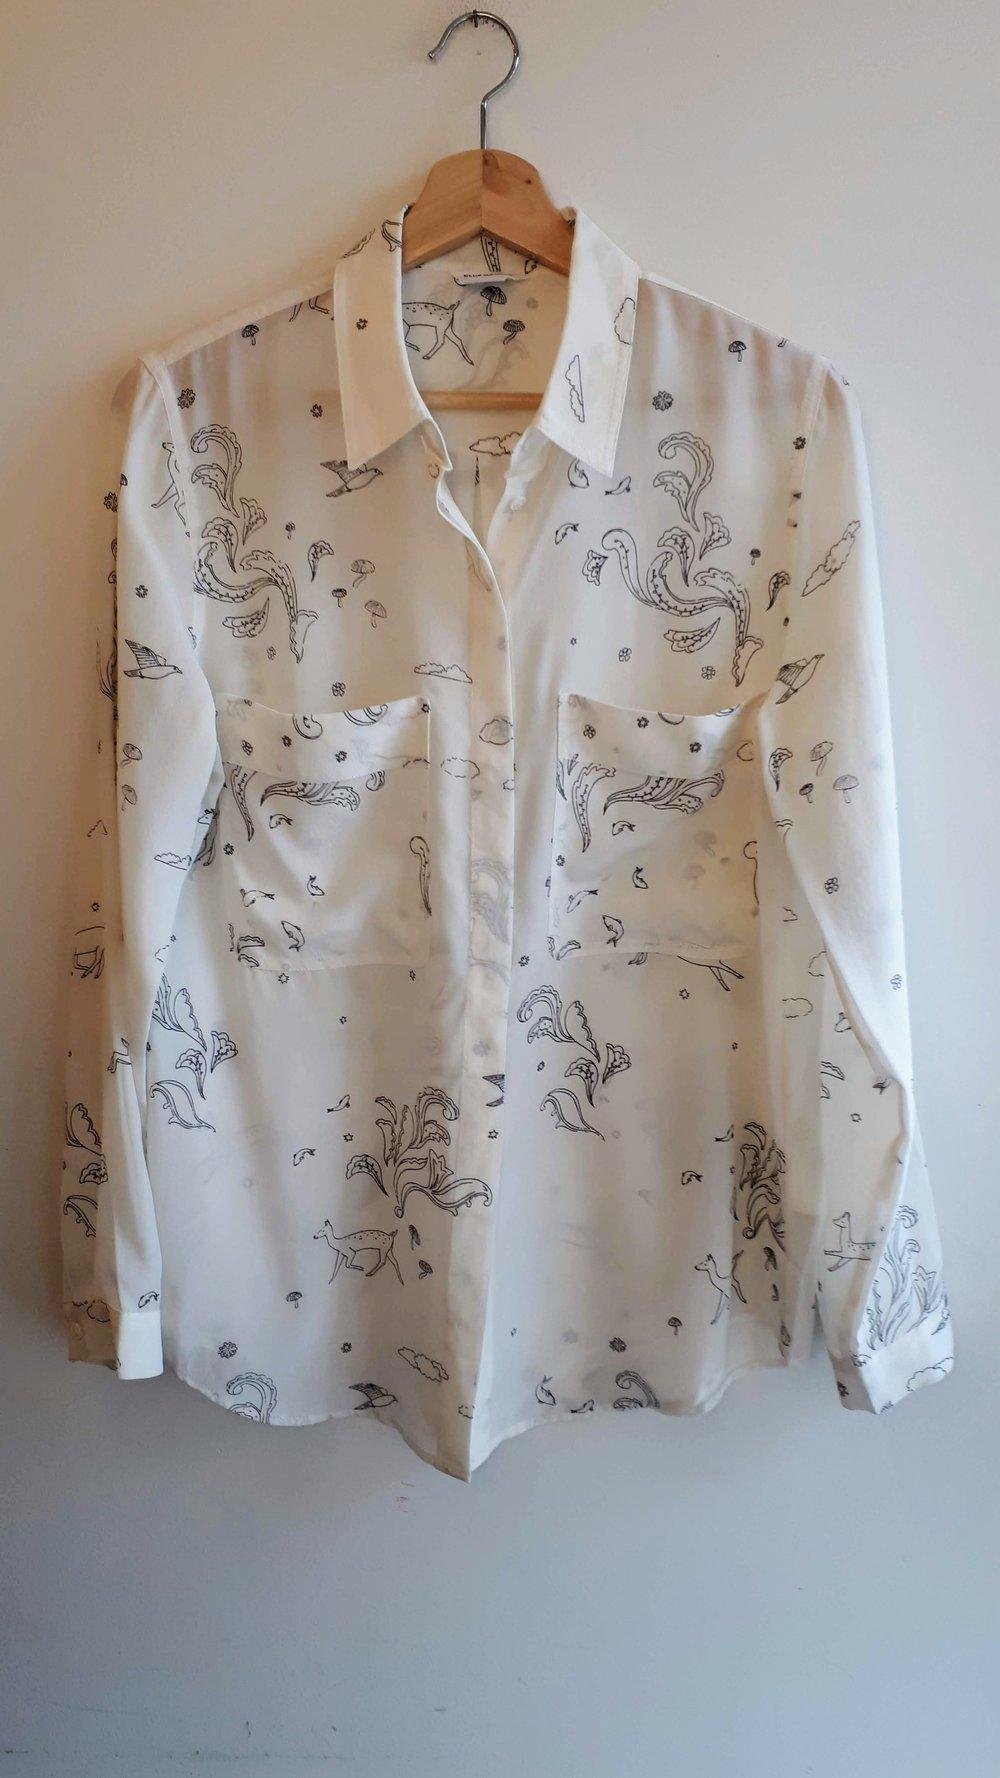 Club Monaco shirt; Size M, $40